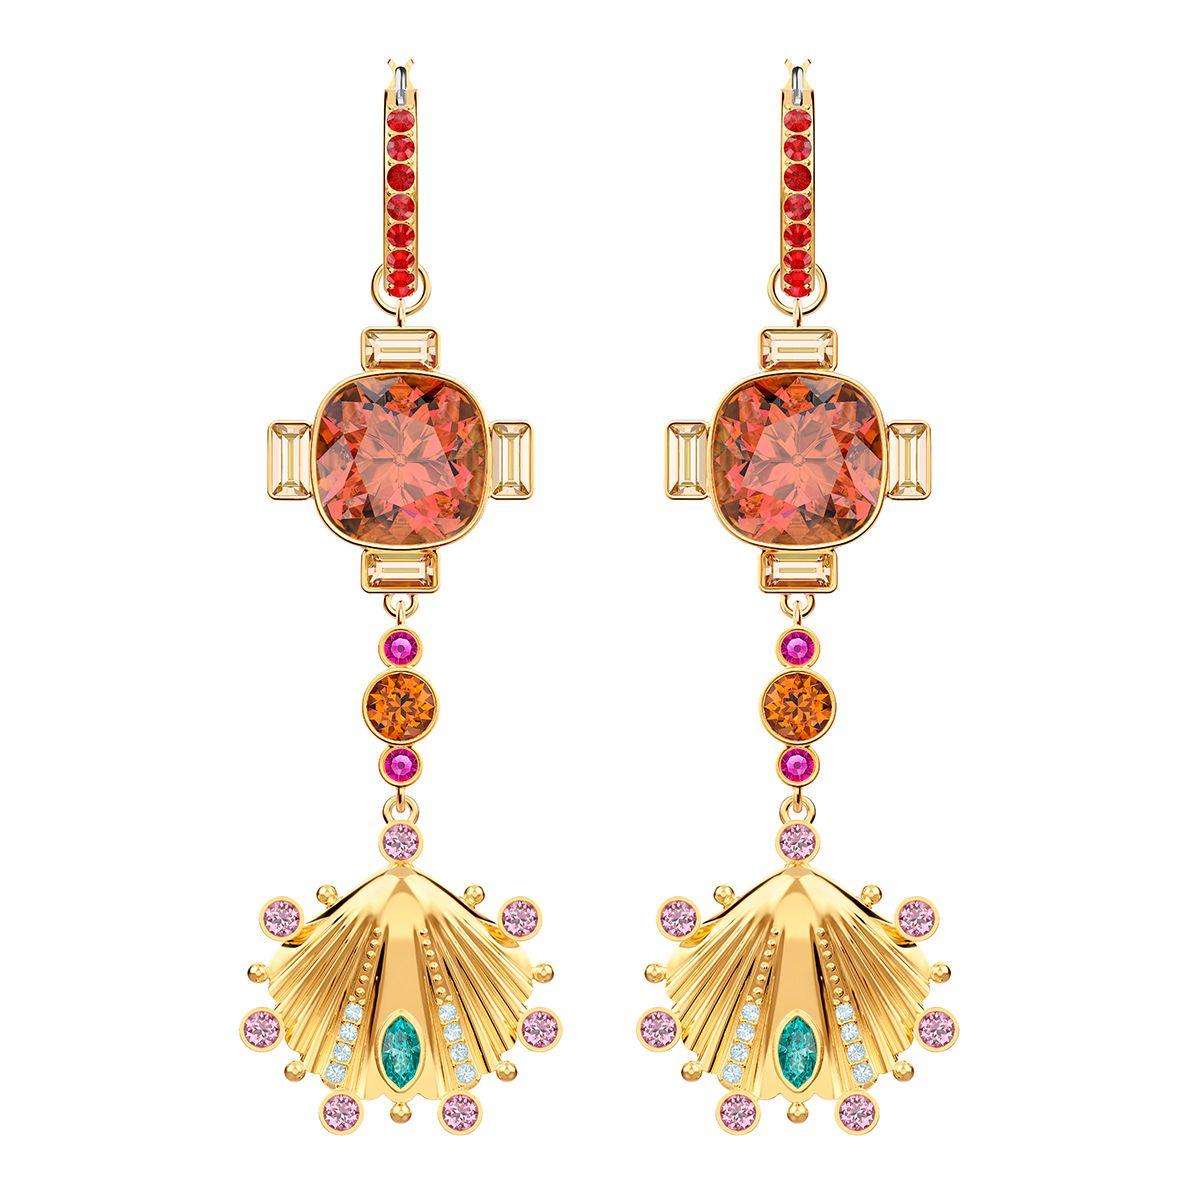 474ff5f7d857 Earrings Swarovski Jewelry - Macy s